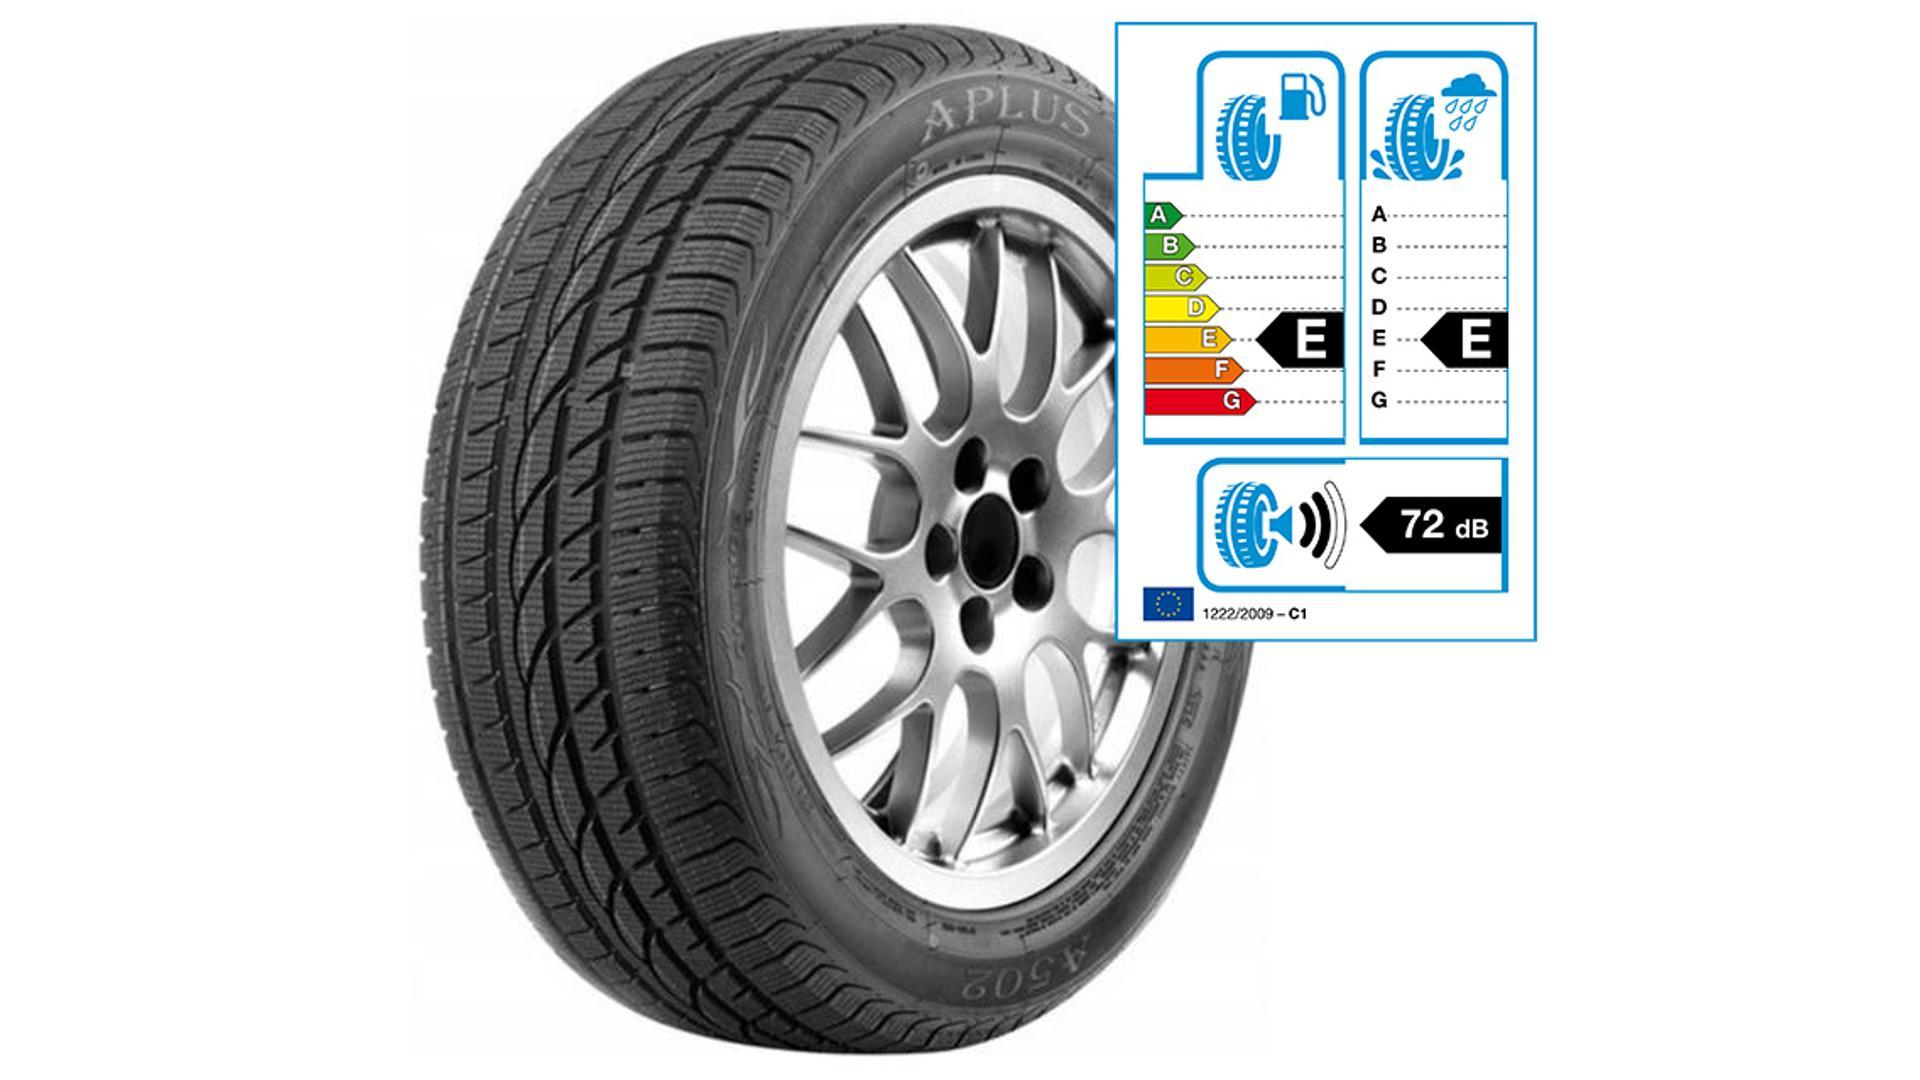 A502 Zimná pneumatika 225/45R18 95HXL